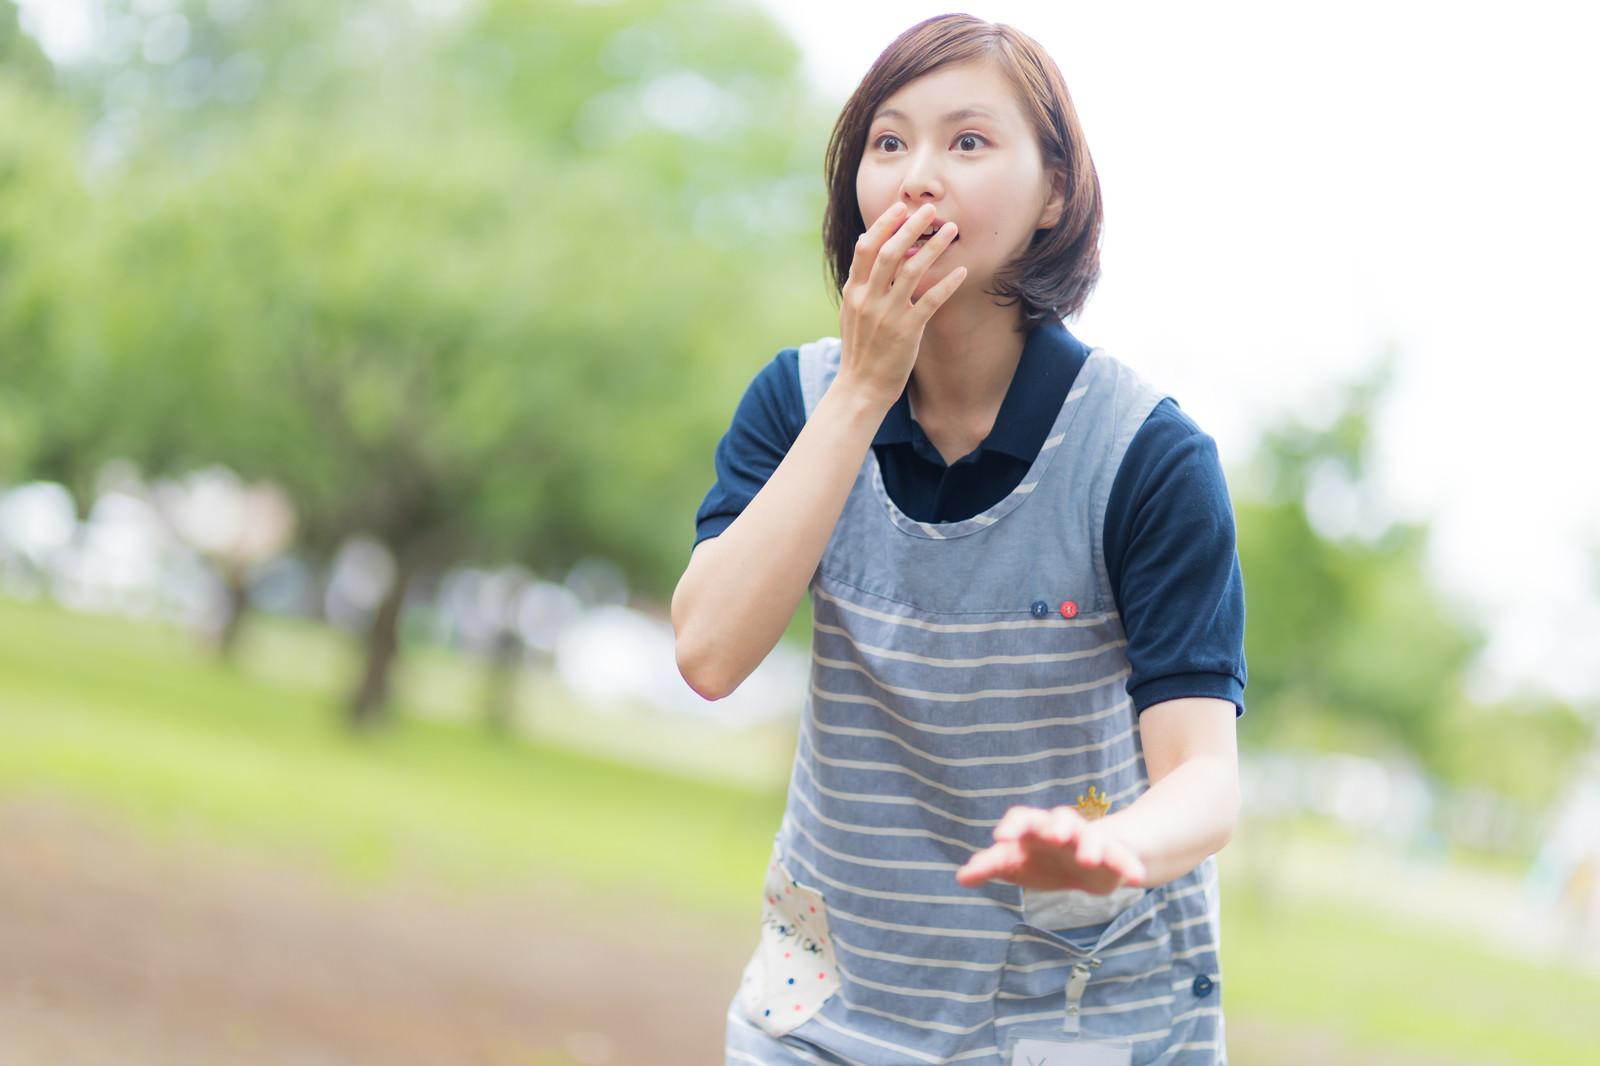 「思いがけない出来事に驚き声も出ない介護士の女性」の写真[モデル:yumiko]